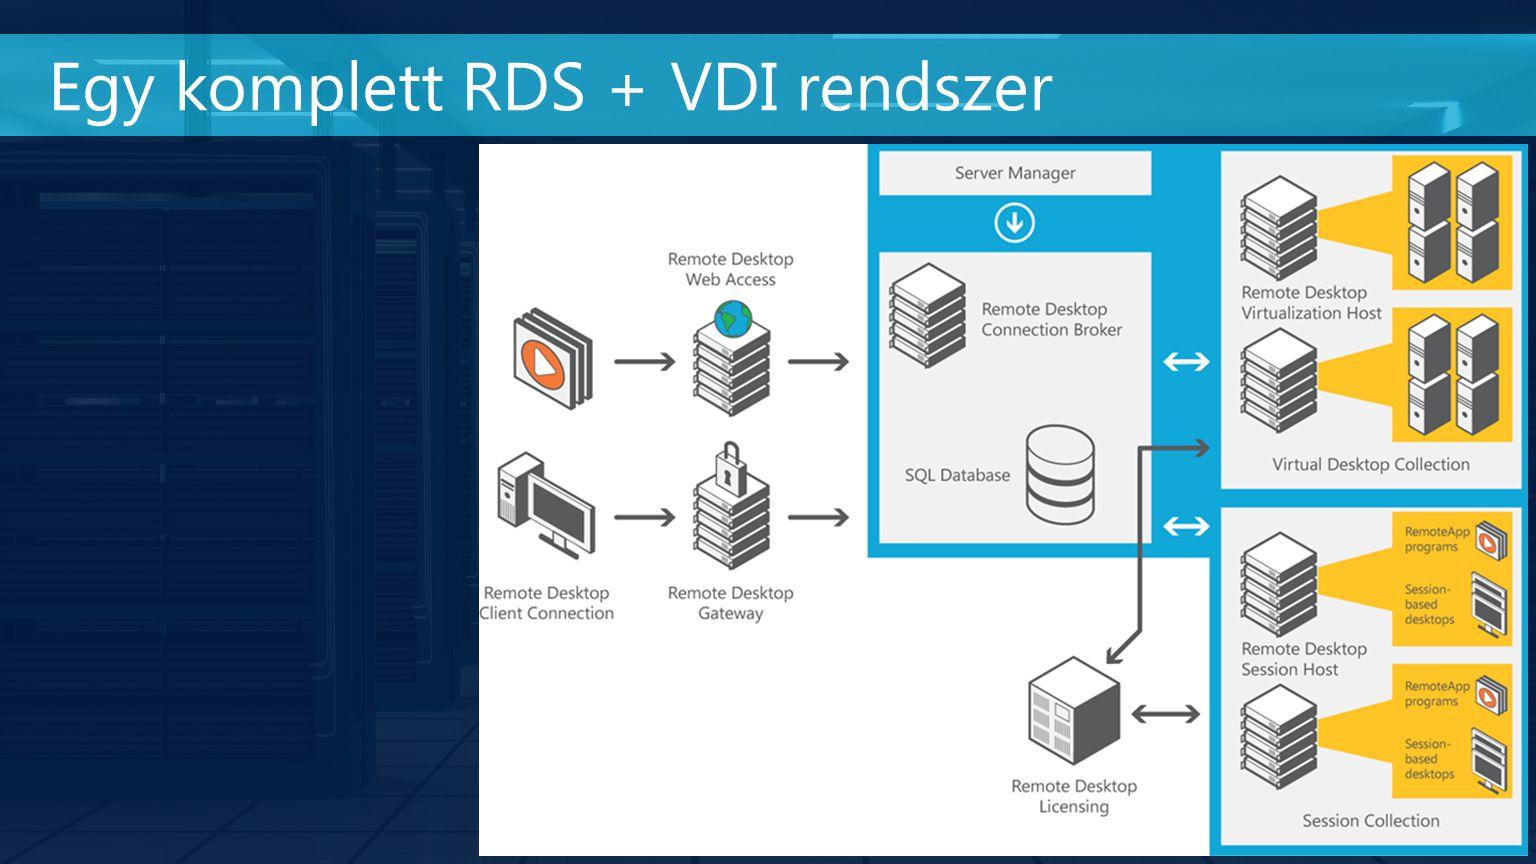 Egy komplett RDS + VDI rendszer